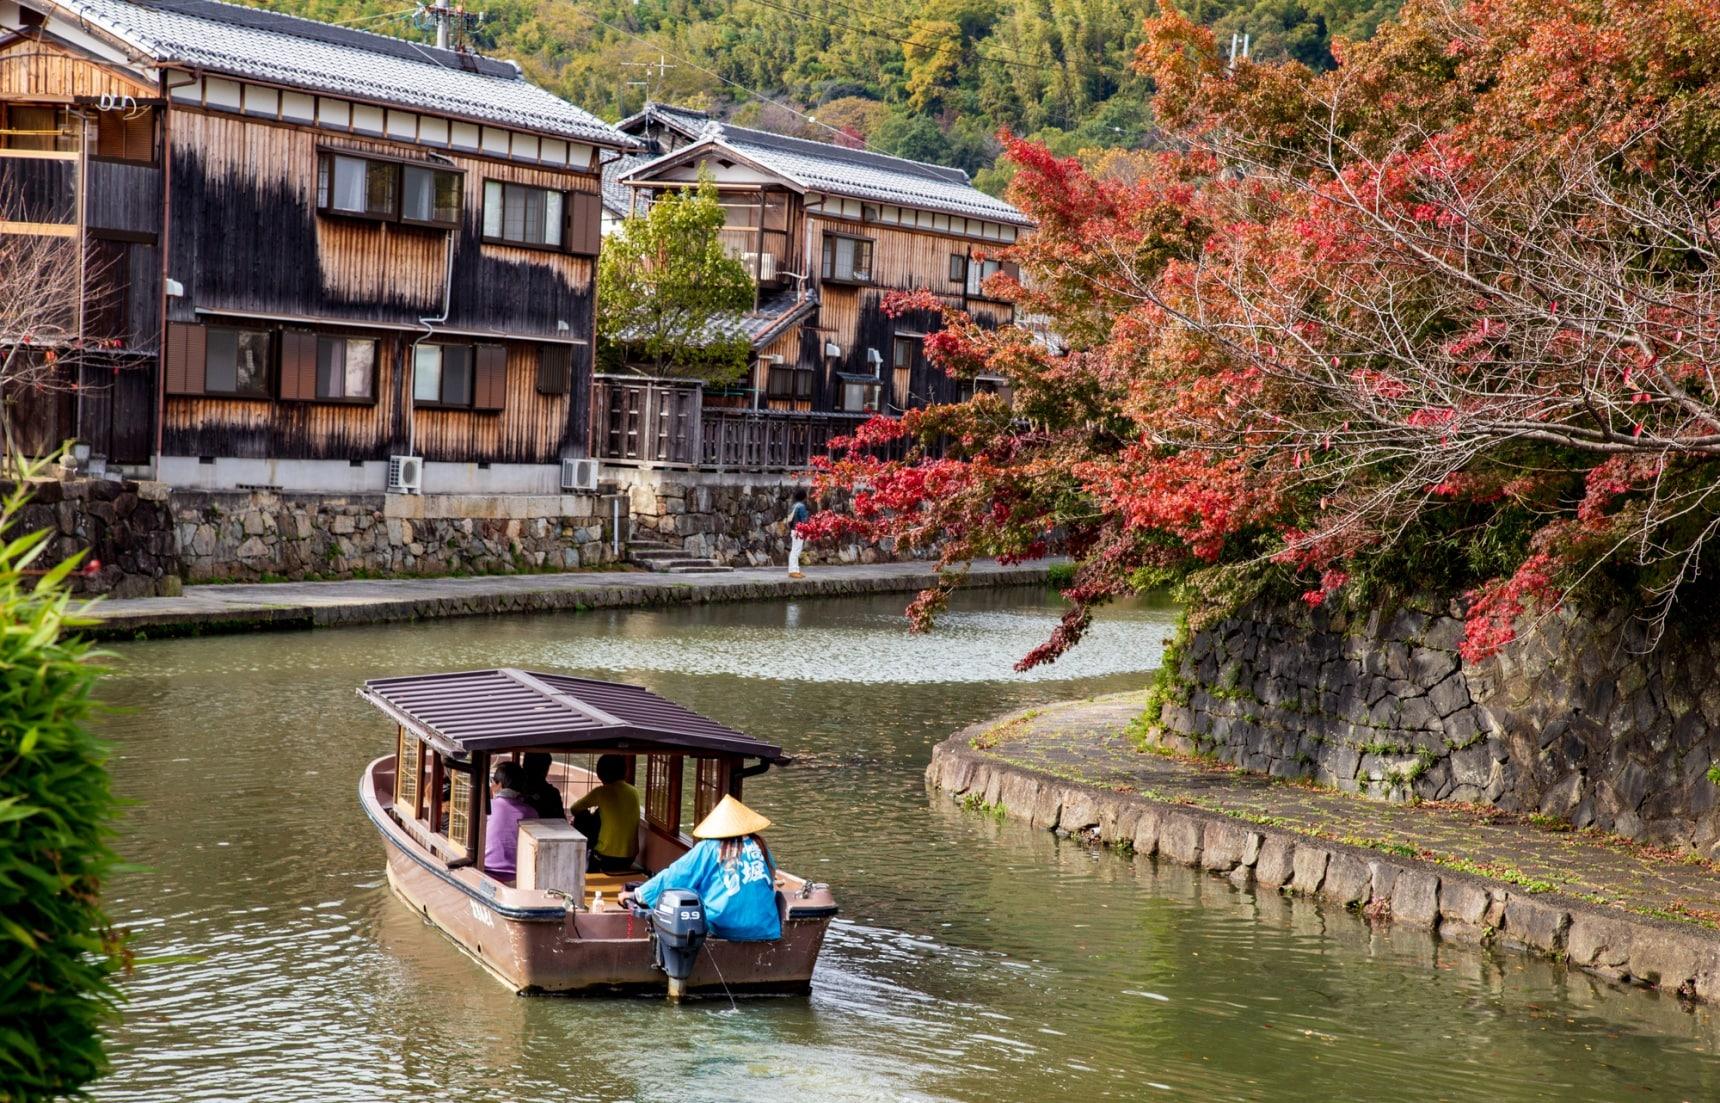 【關西自由行】京都出發一日小旅行!宛如置身世外桃源般的滋賀・近江八幡景點介紹